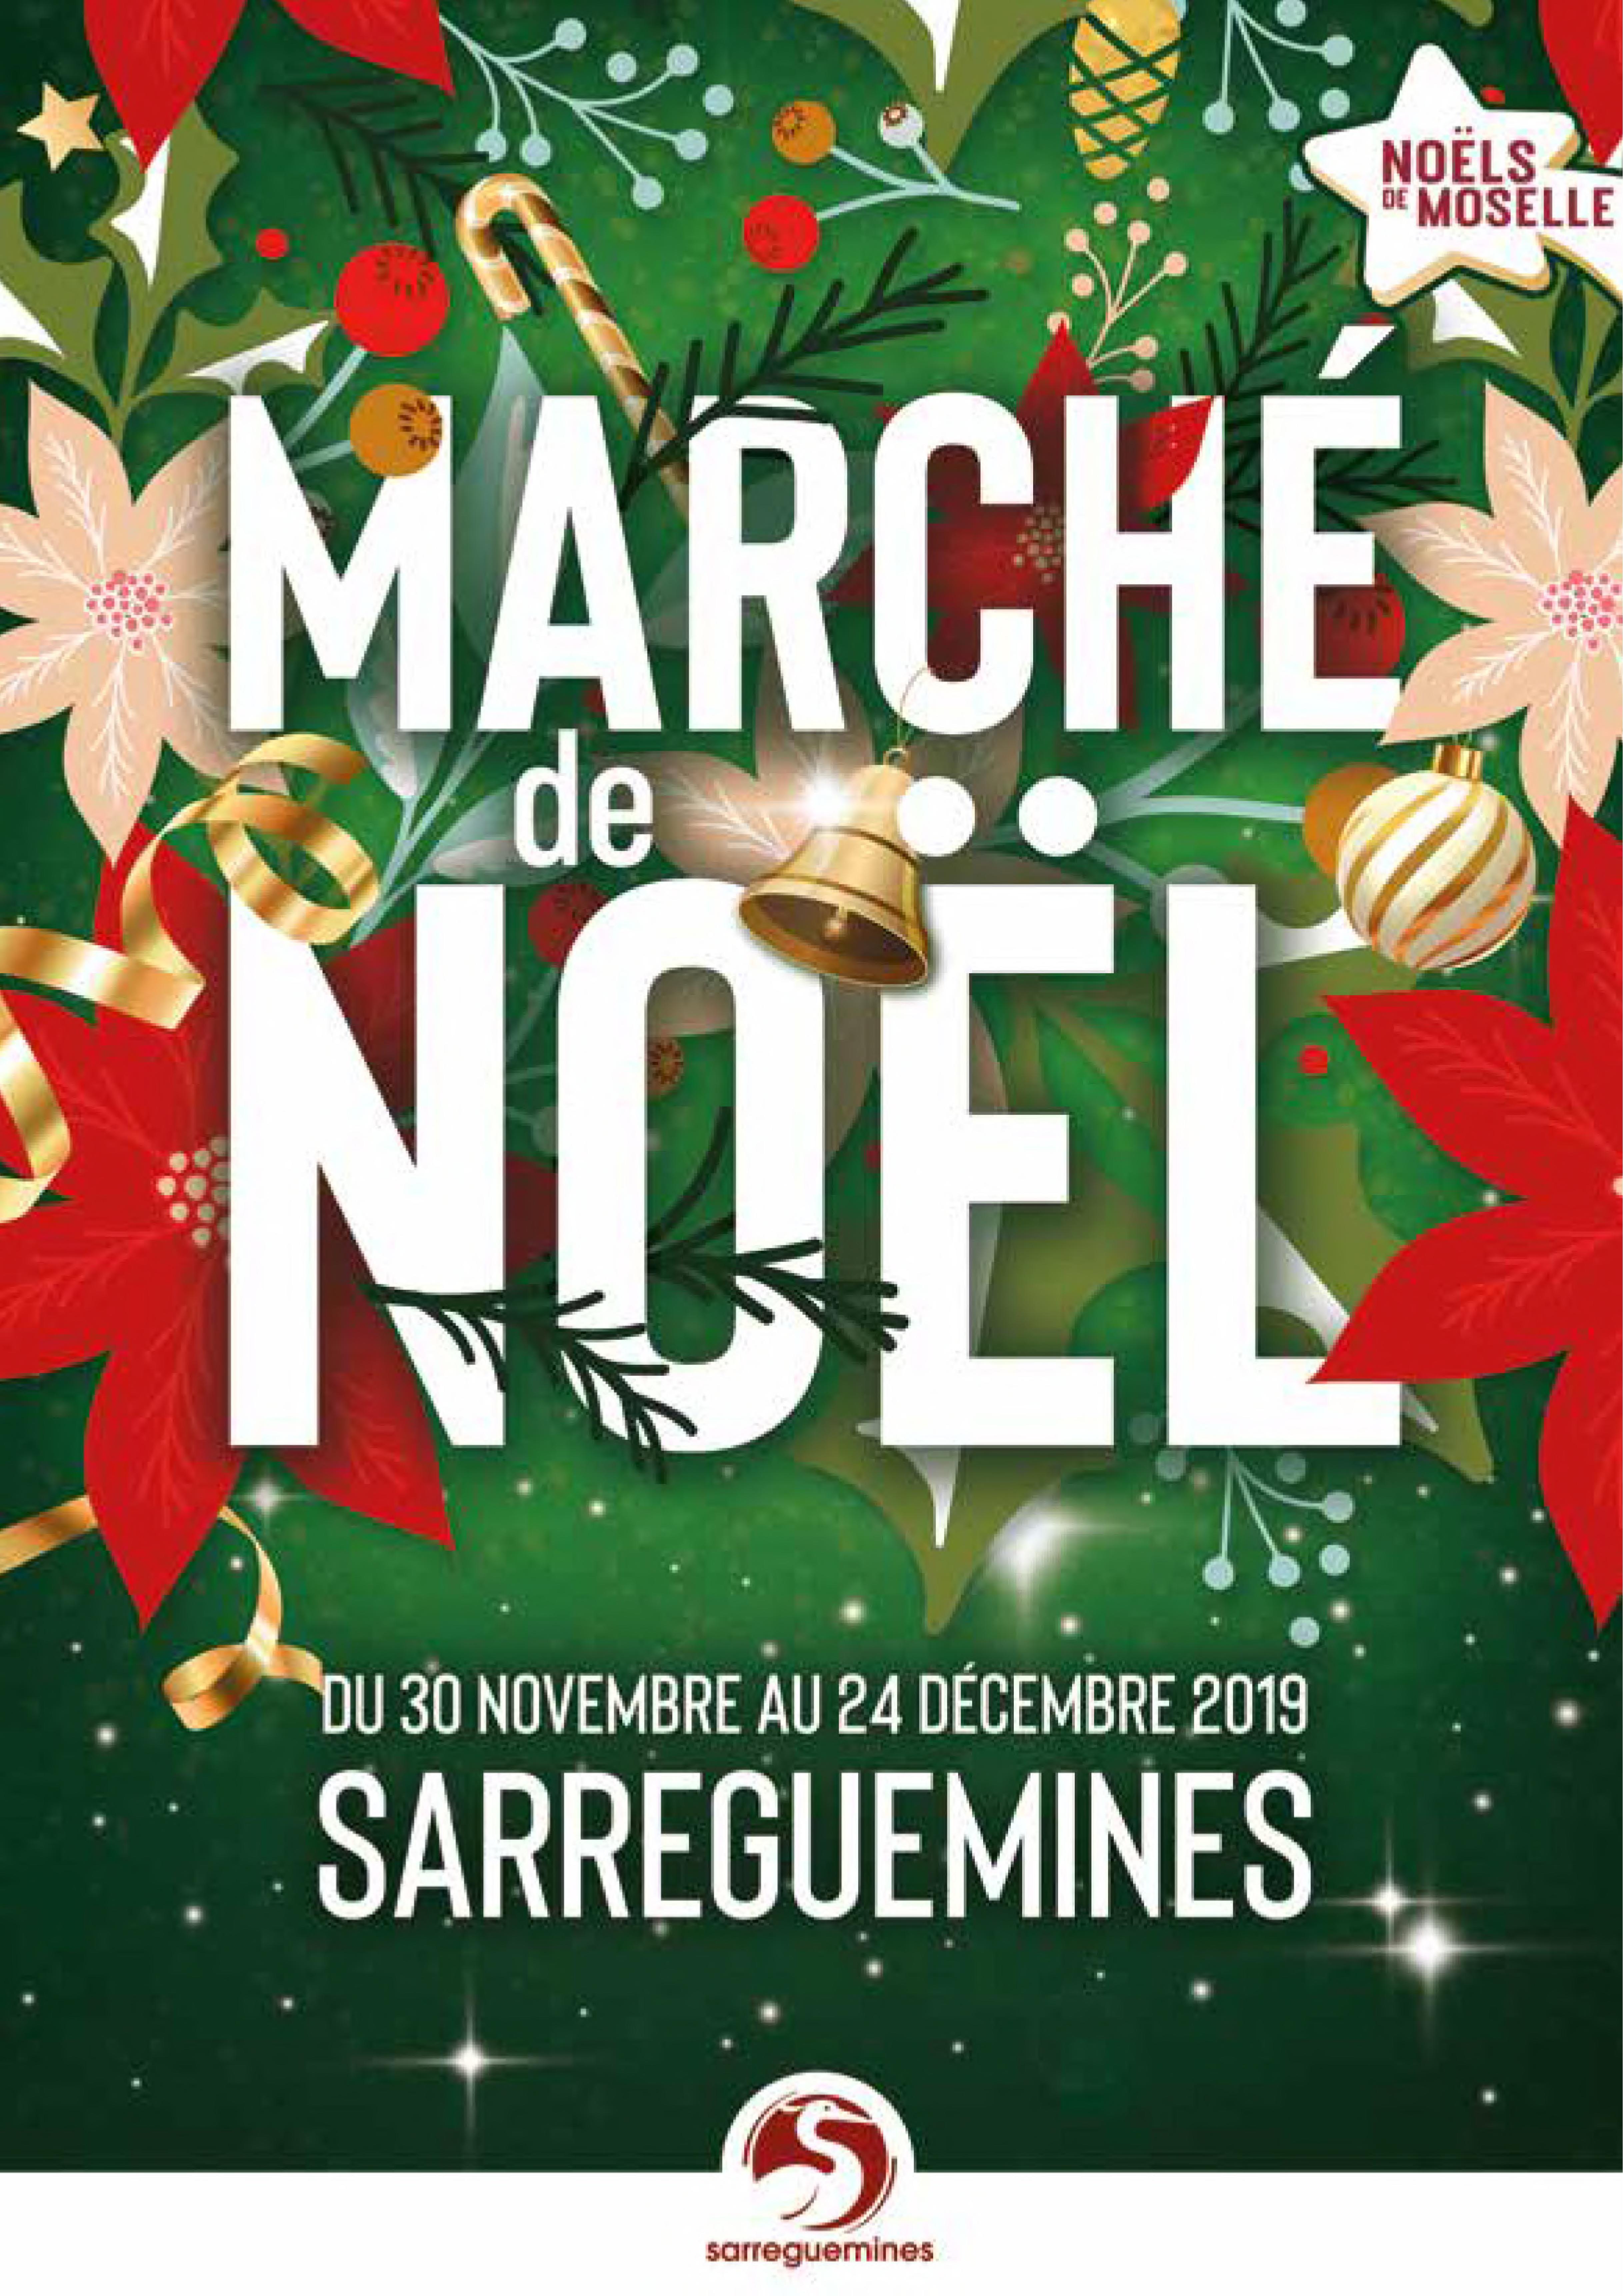 Marché de Noël Sarreguemines 2019